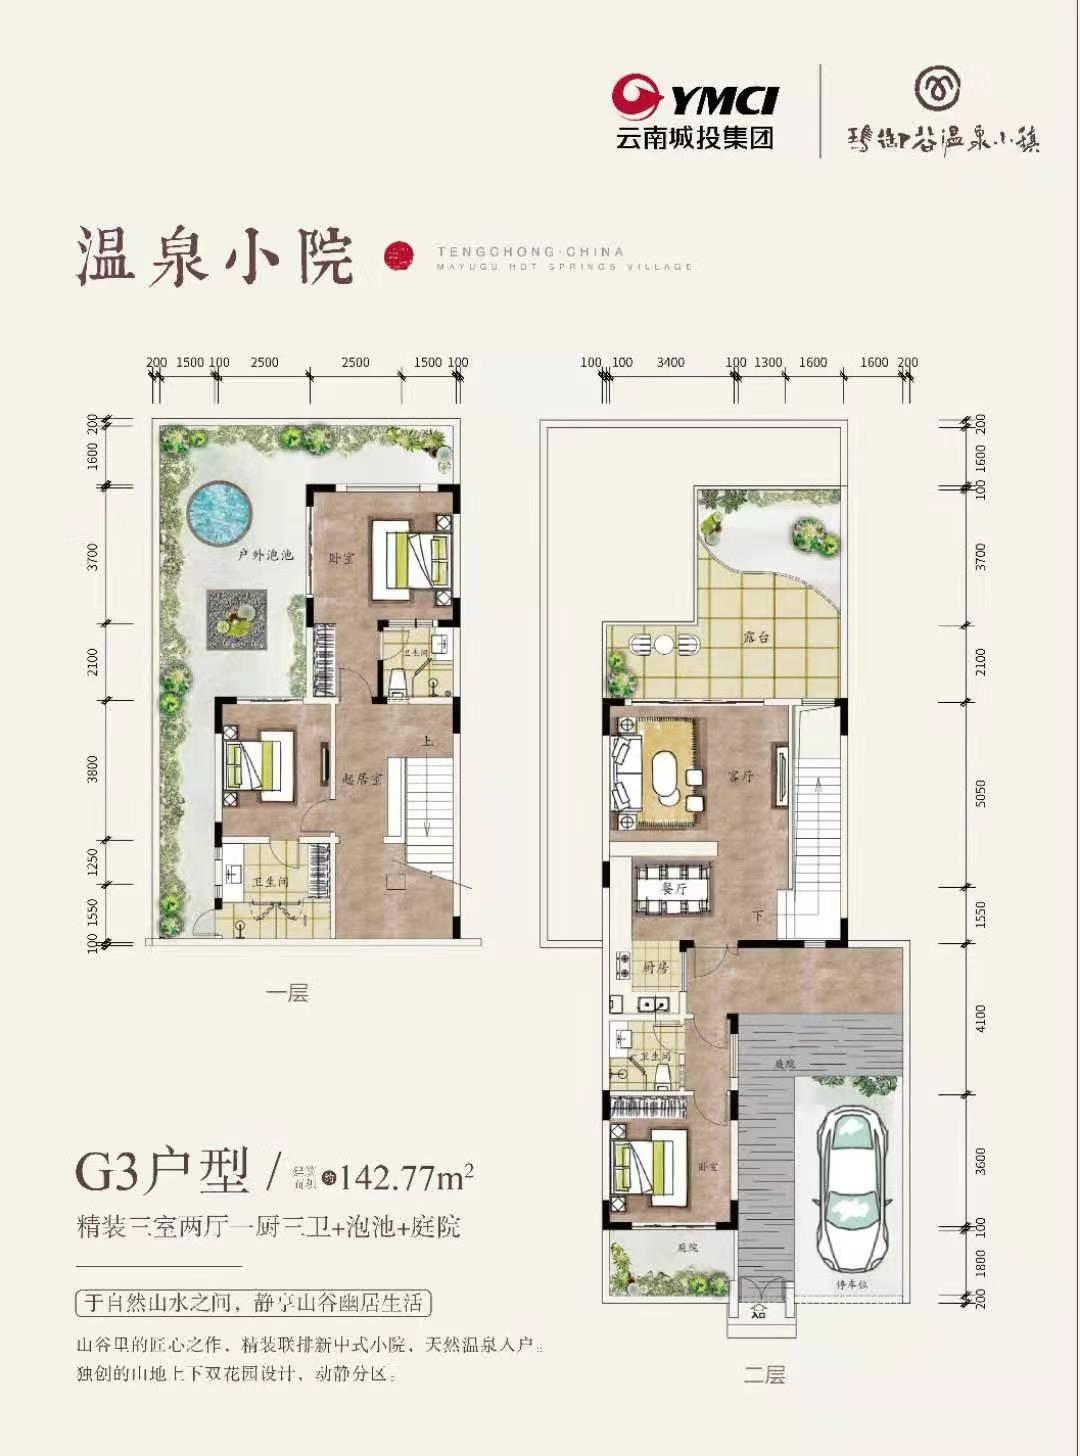 温泉小院G3 3室2厅3卫建面 142.77㎡